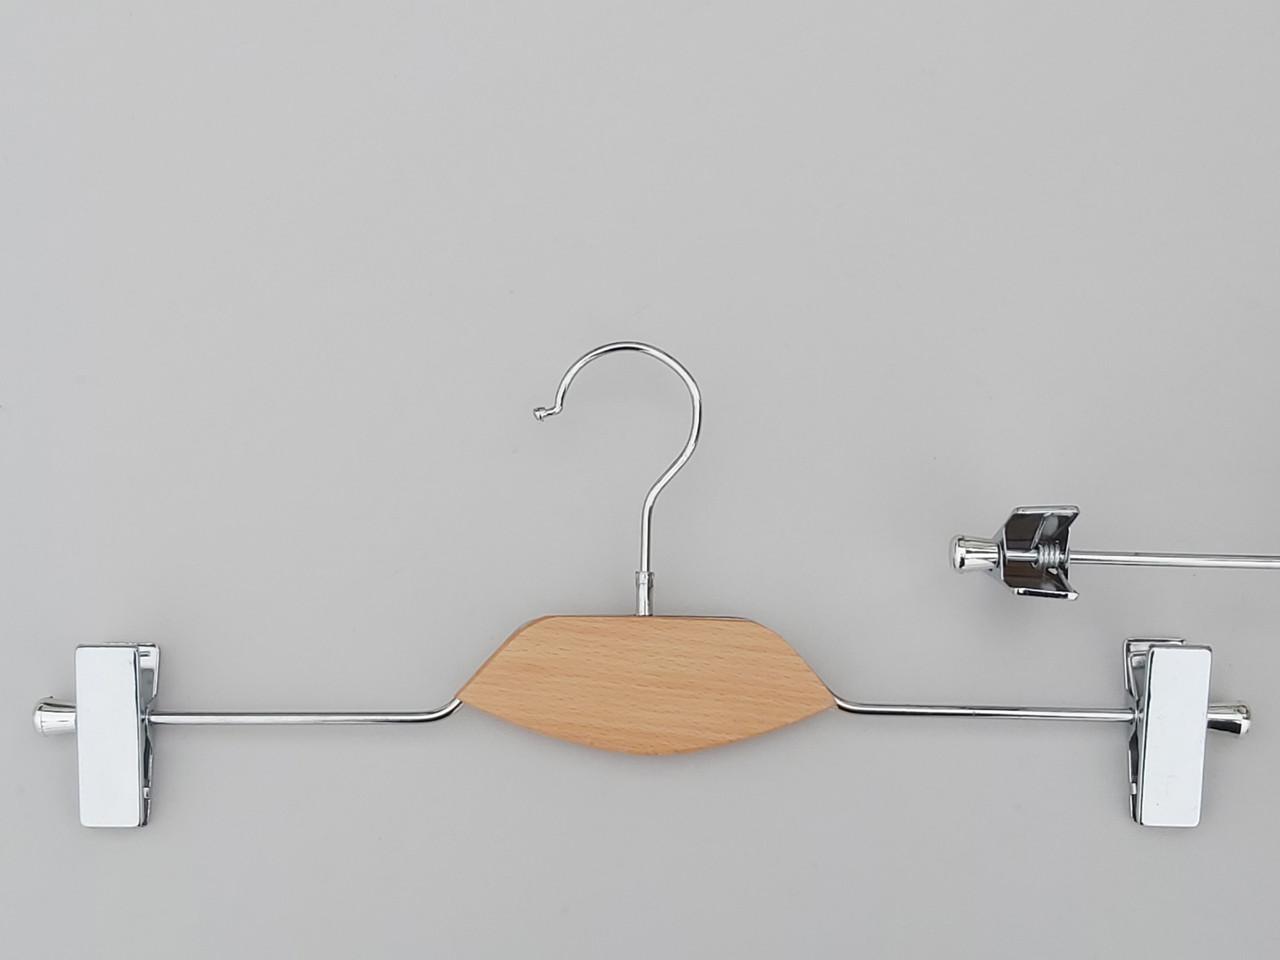 Довжина 40 см. Плічка вішалки тремпеля металевий зі вставкою із світлого дерева, для штанів і спідниць